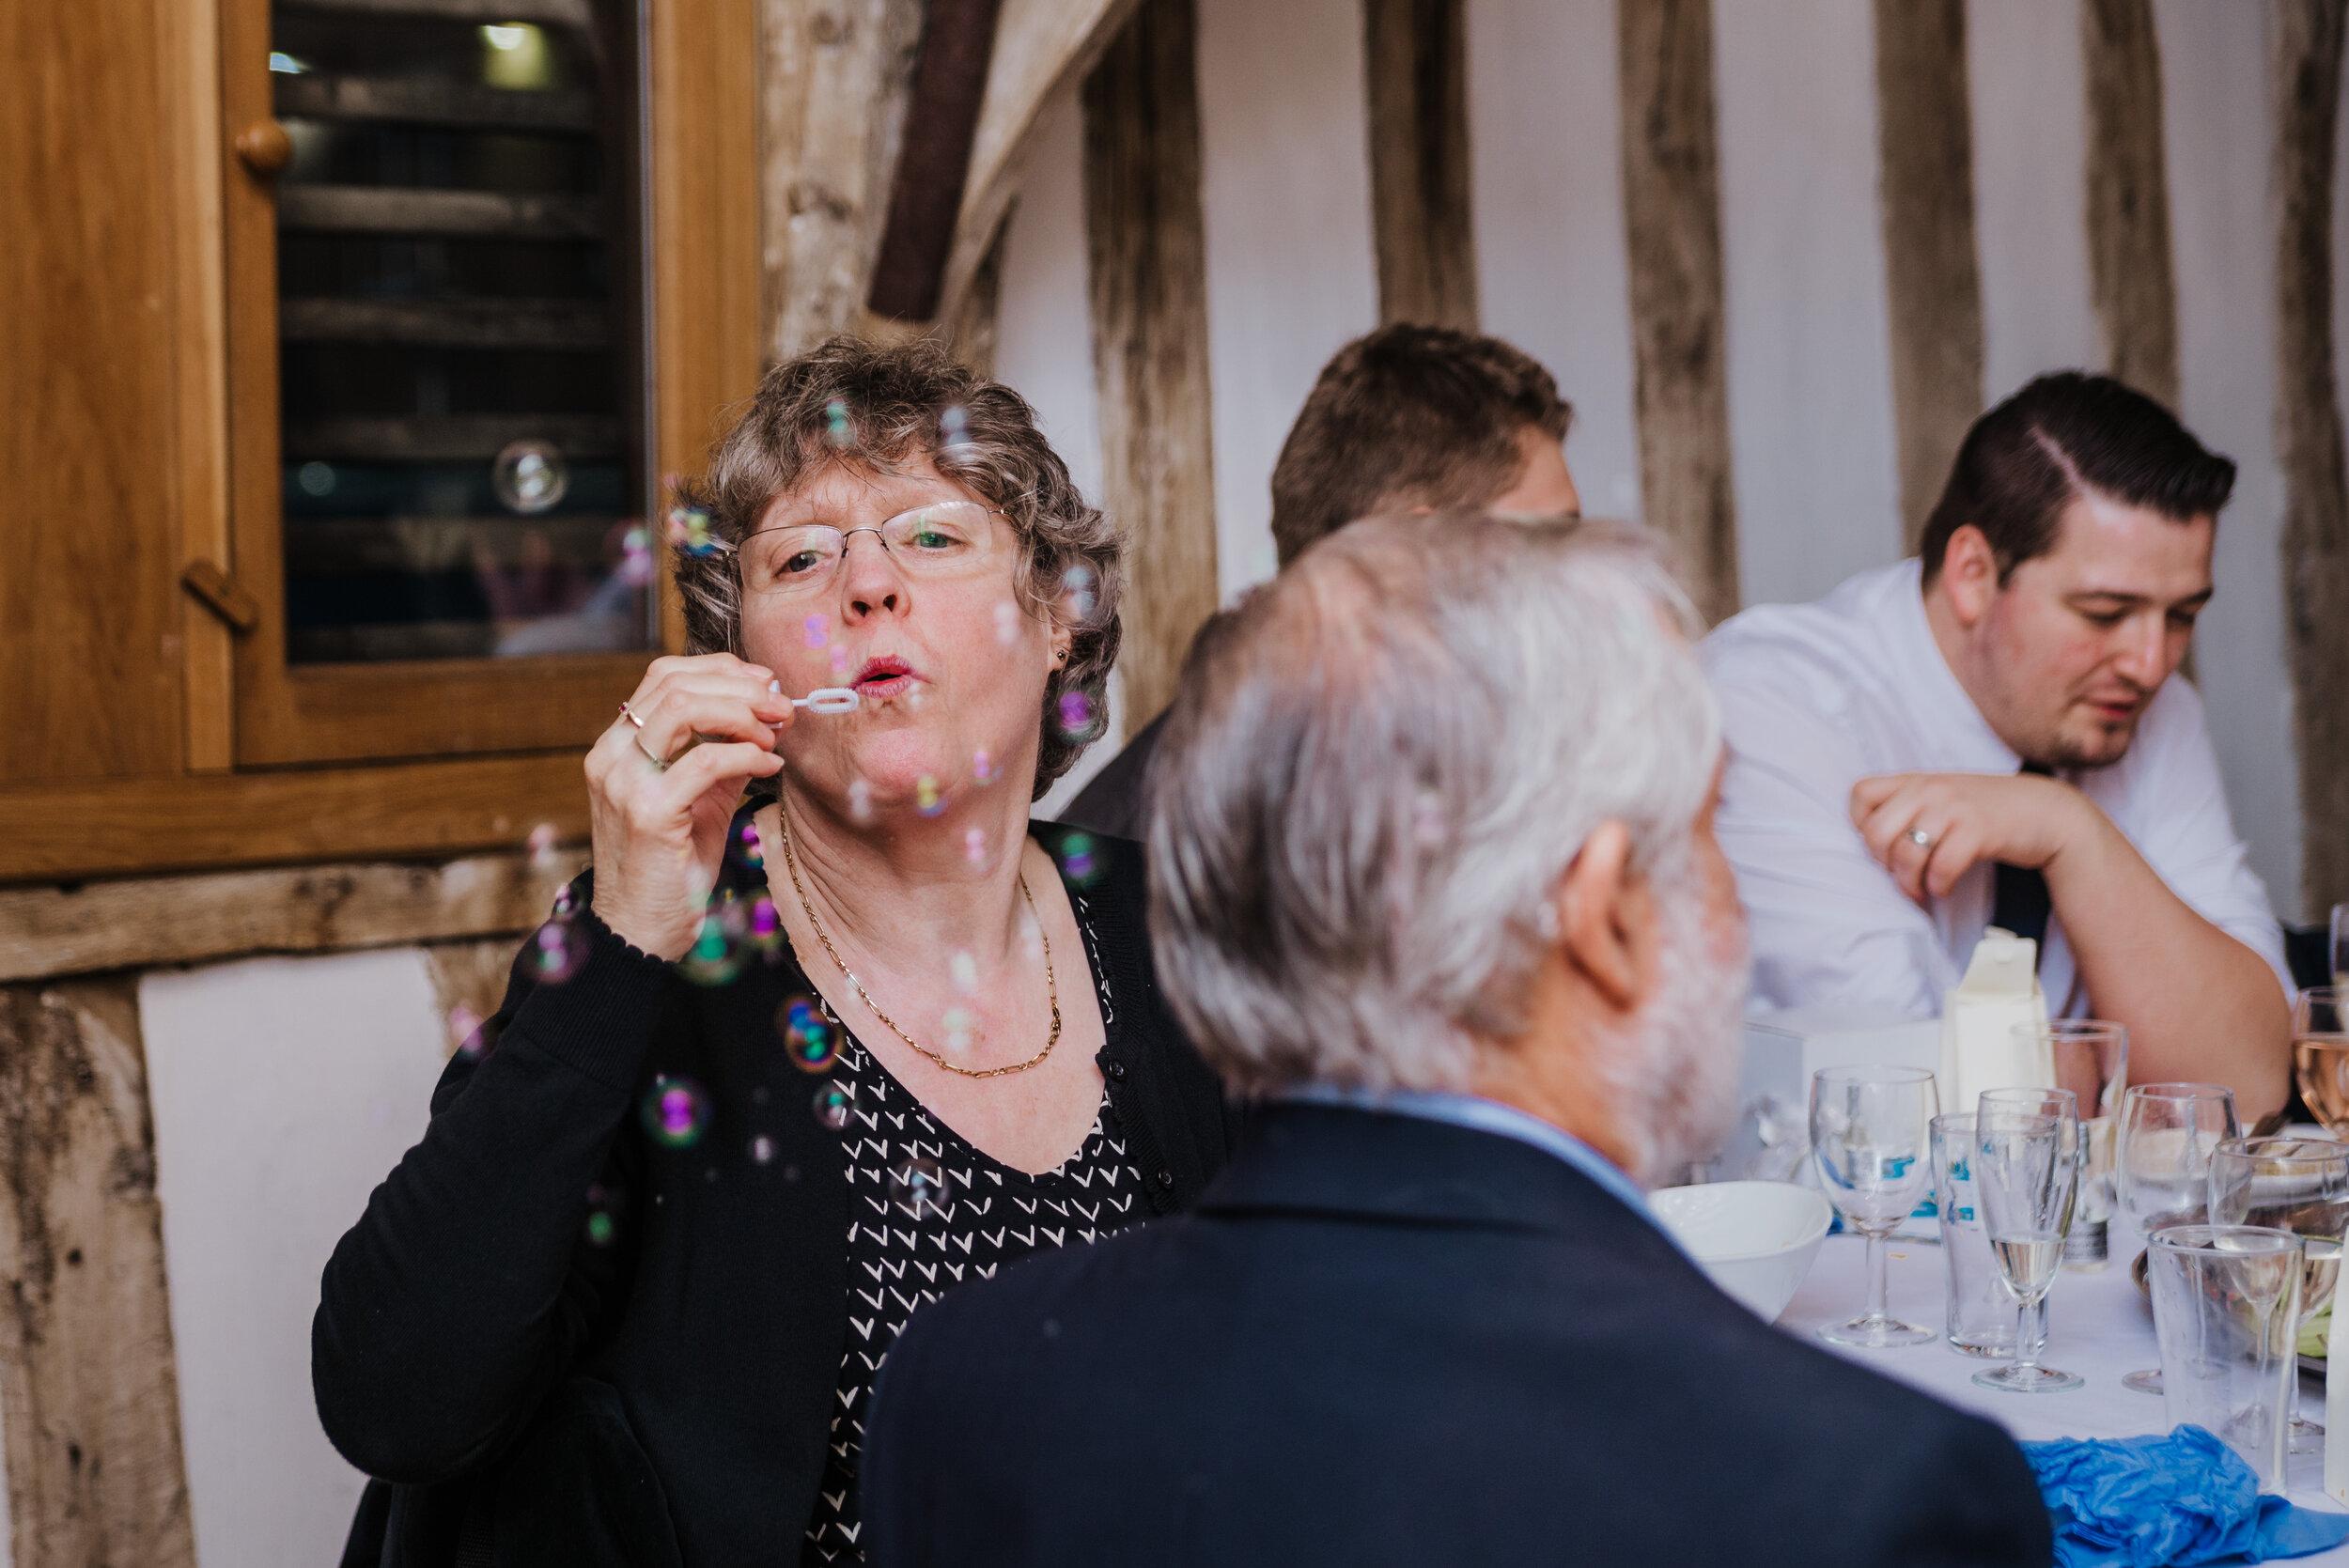 SUFFOLK_WEDDING_PHOTOGRAPHY_ISAACS_WEDDING_VENUE_WEDDINGPHOTOGRAPHERNEARME_iPSWICHWEDDINGPHOTOGRAPHER (72).jpg